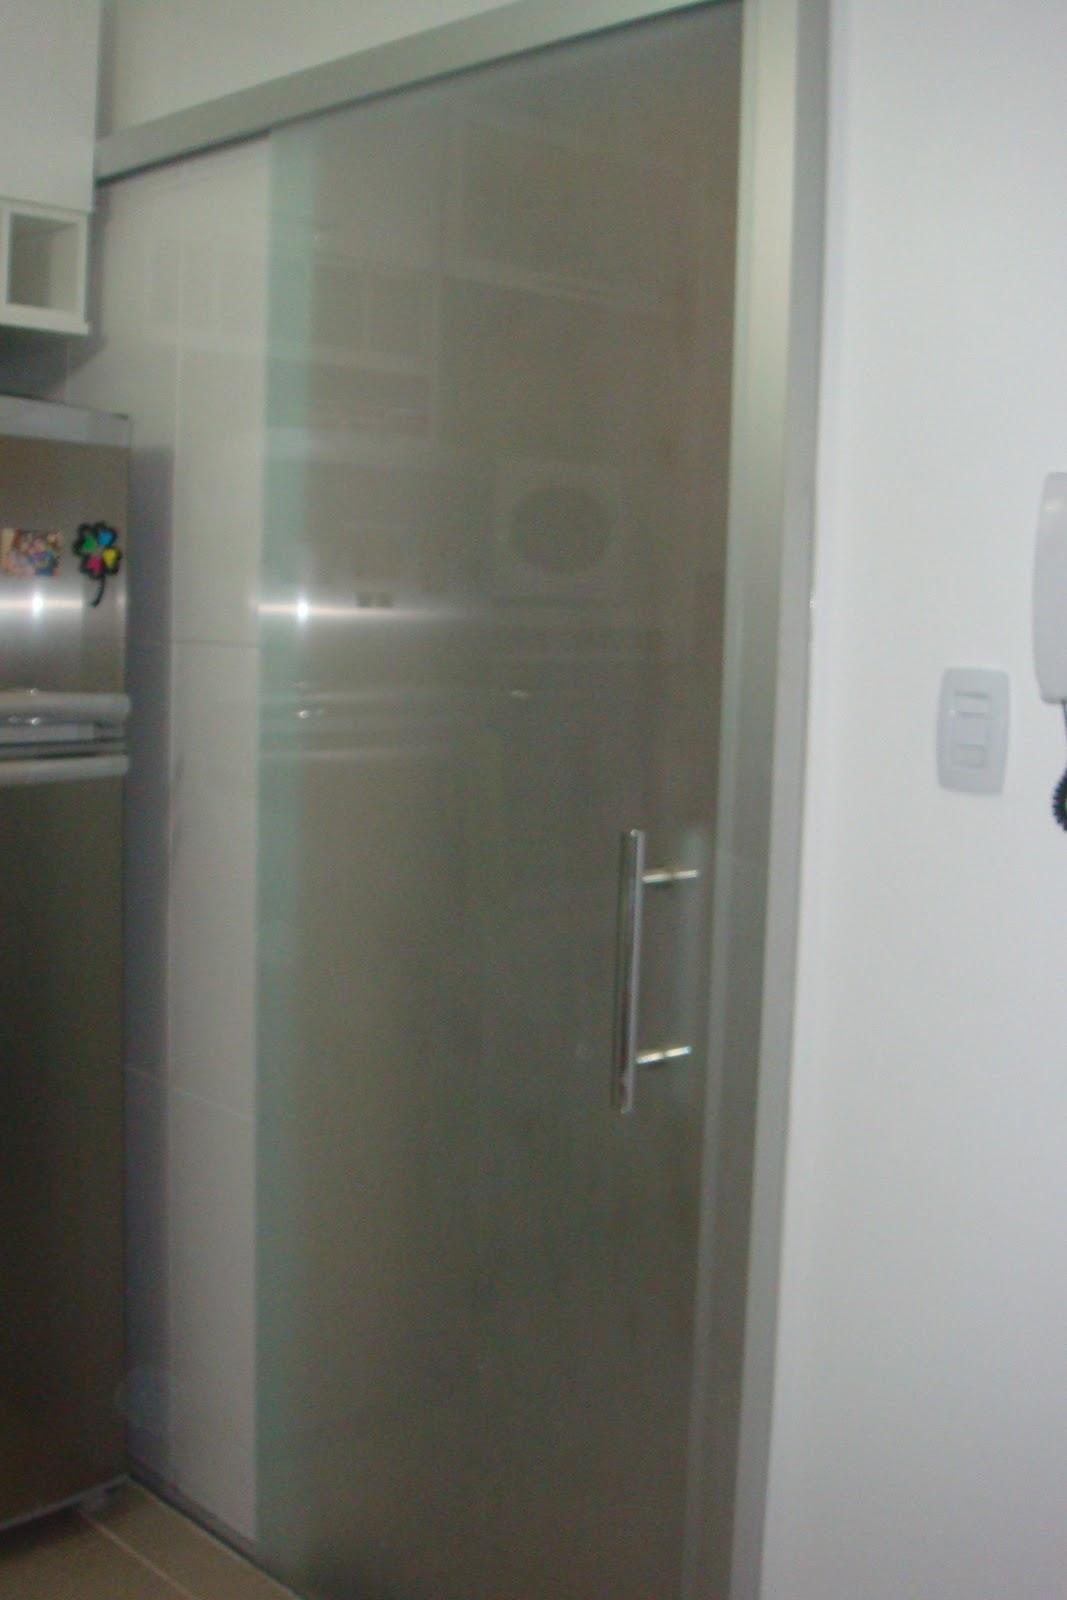 vidro jateado e para evitar que gordura pudesse grudar na porta #585147 1067x1600